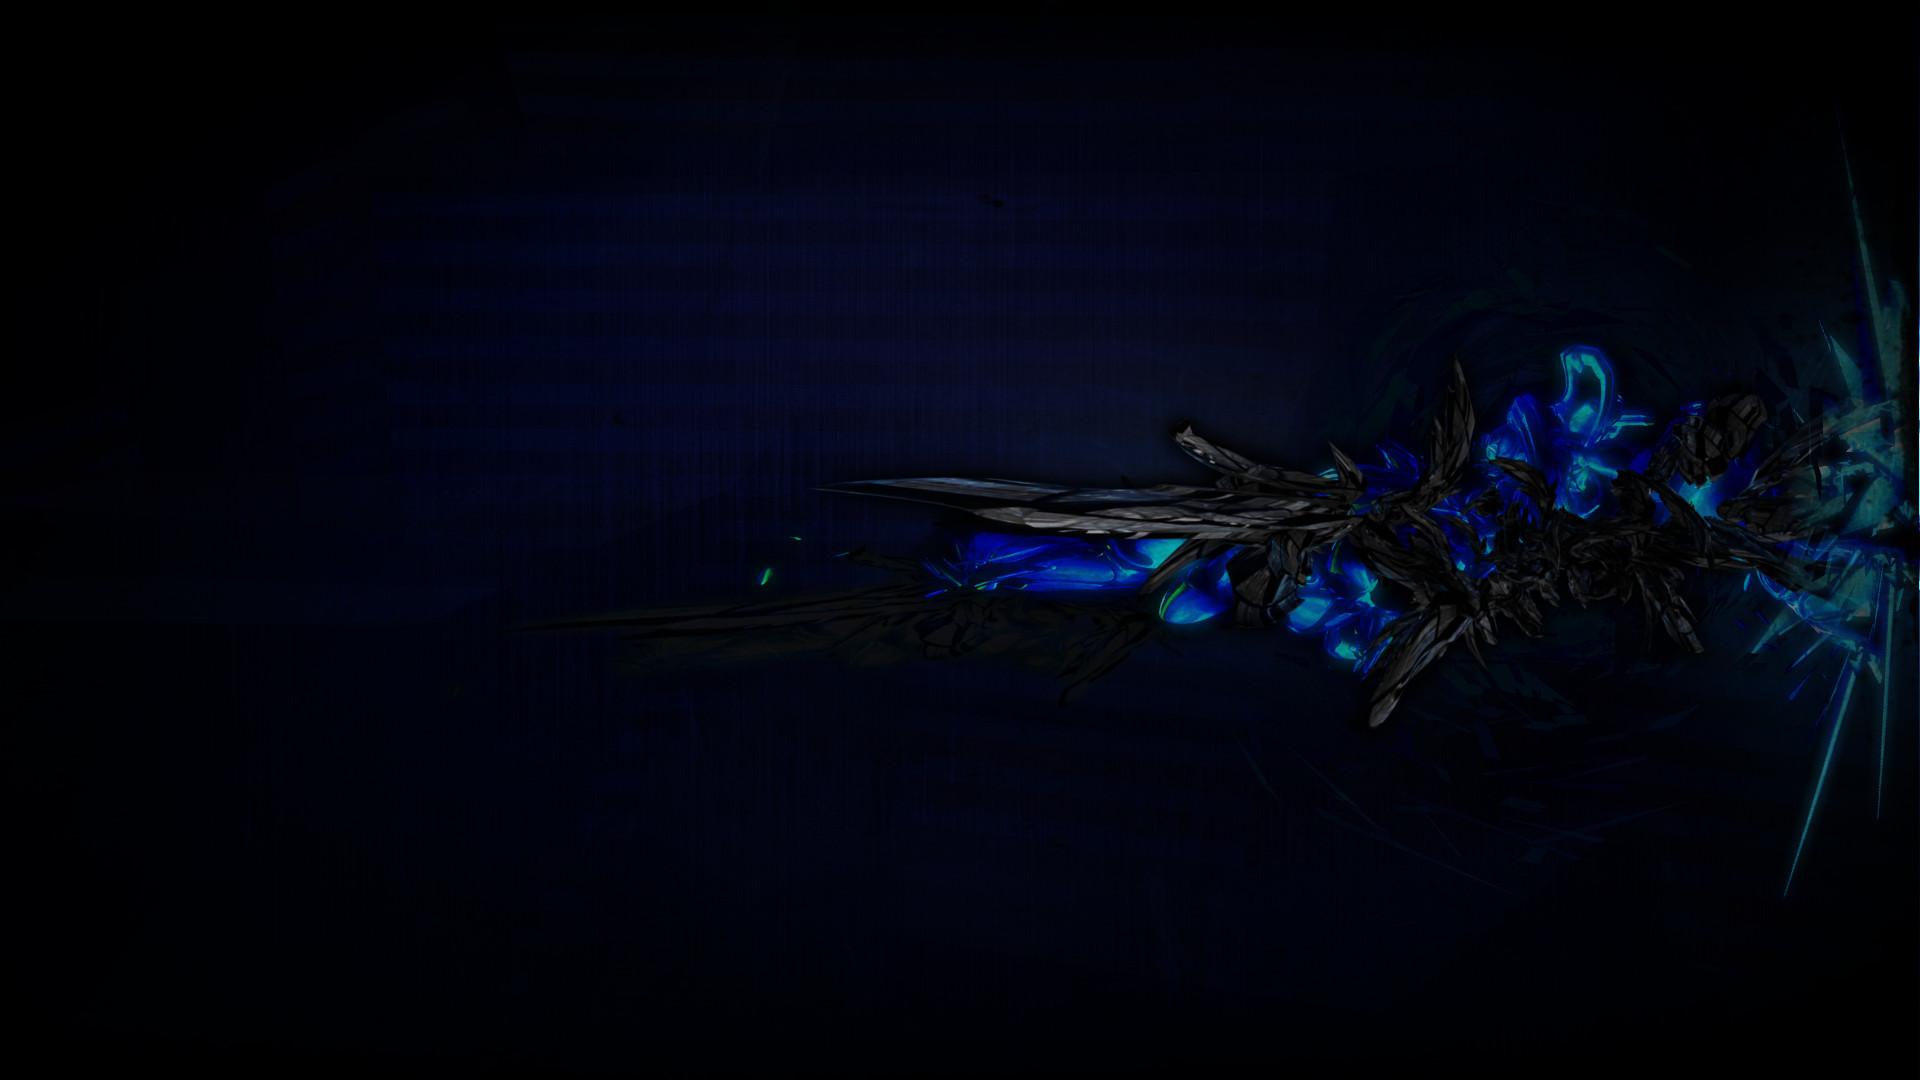 Dark blue background wallpaper 64 images - Dark background wallpaper hd ...